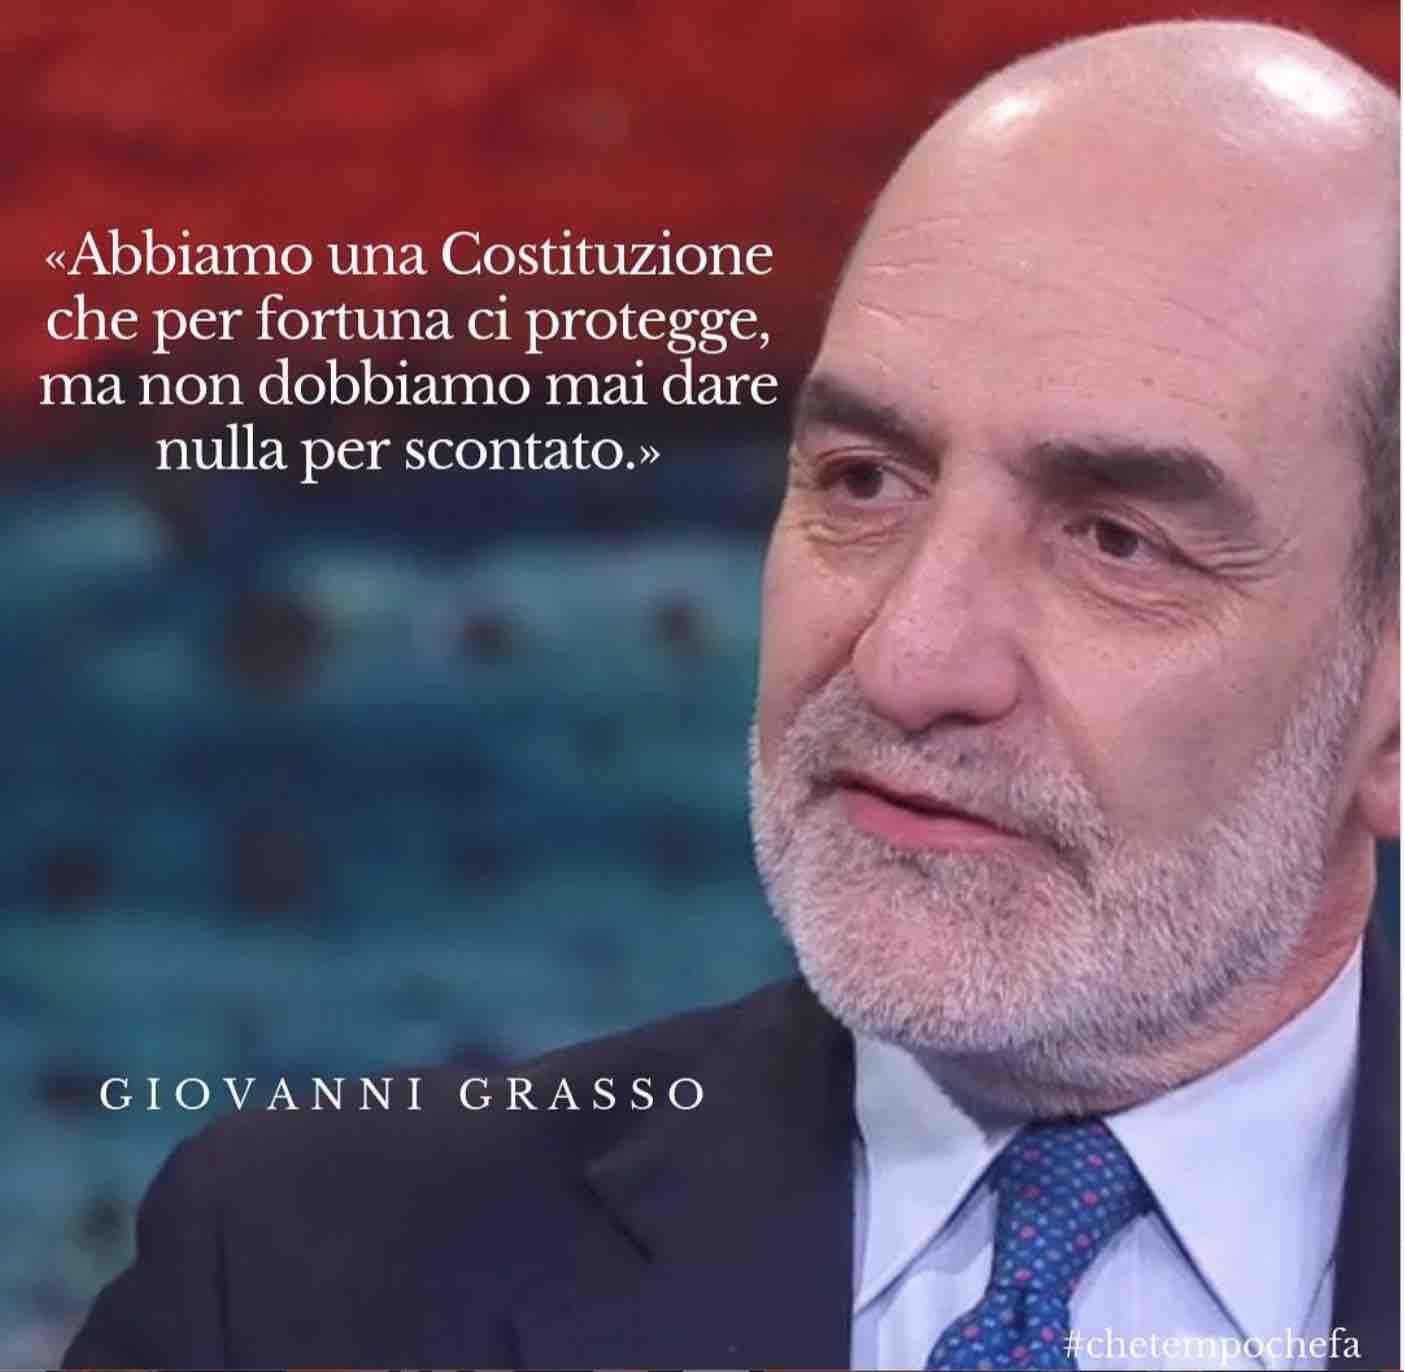 Giovanni Grasso Quirinale